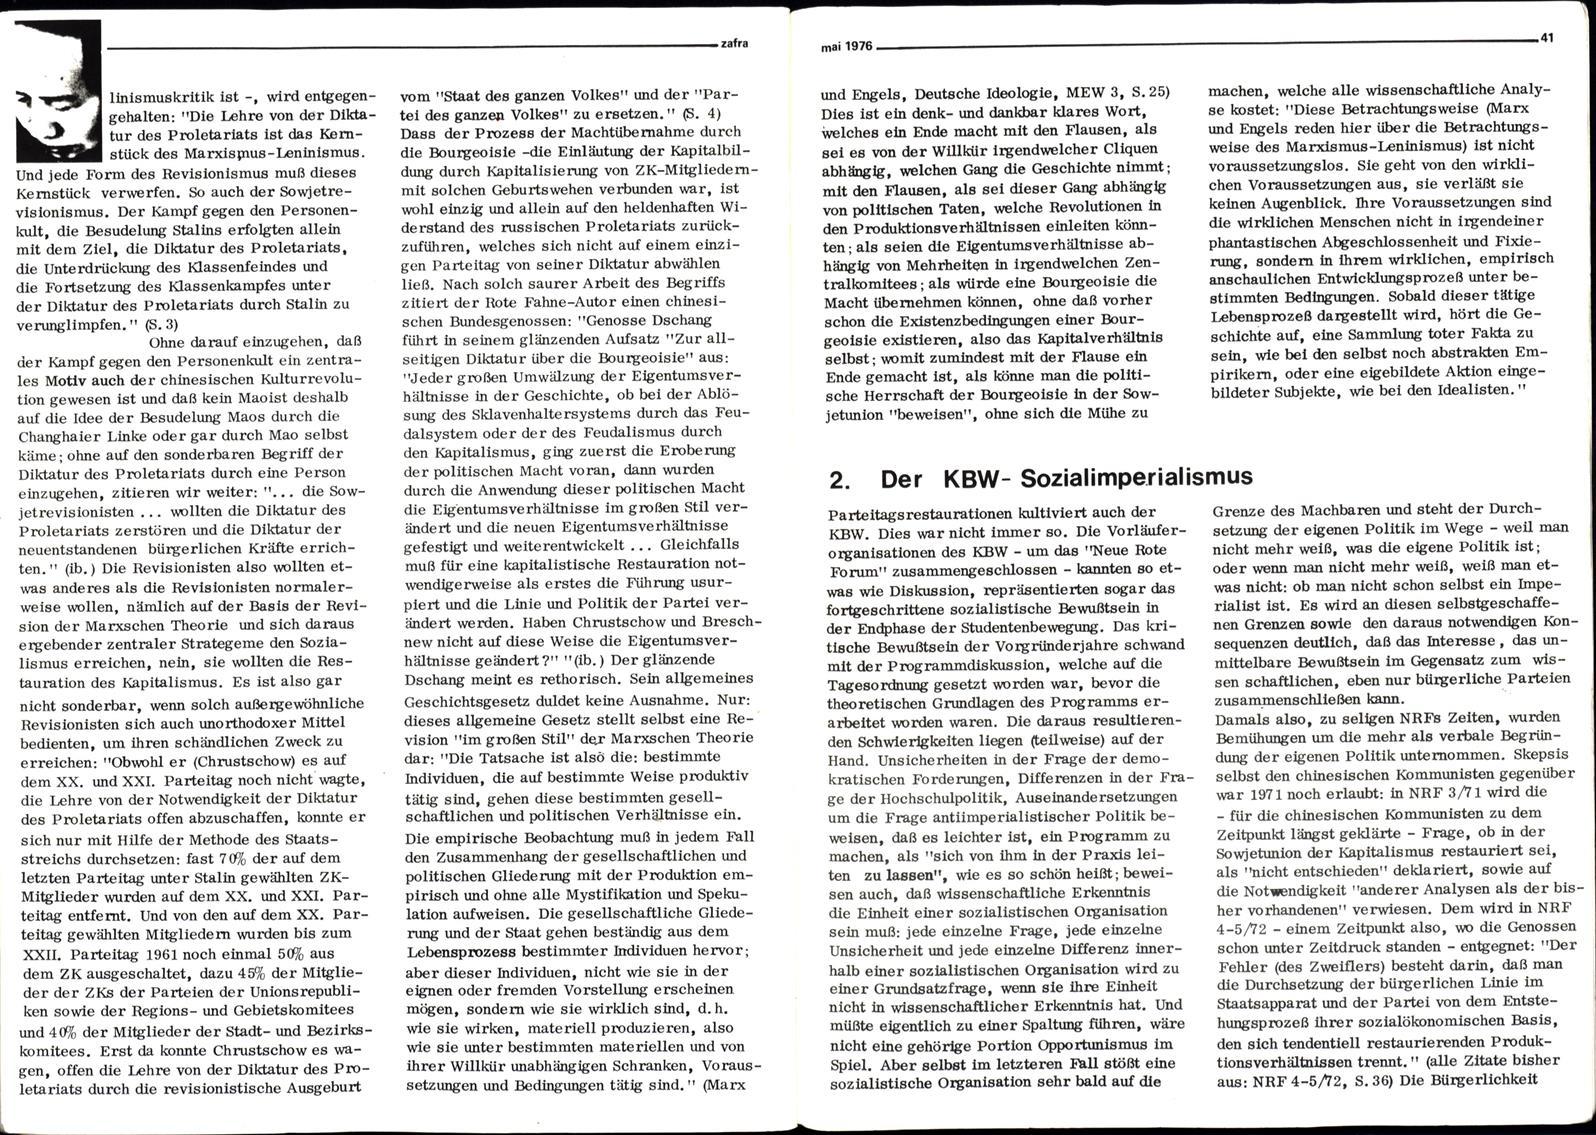 Bonn_ZAFRA_01_19760500_21